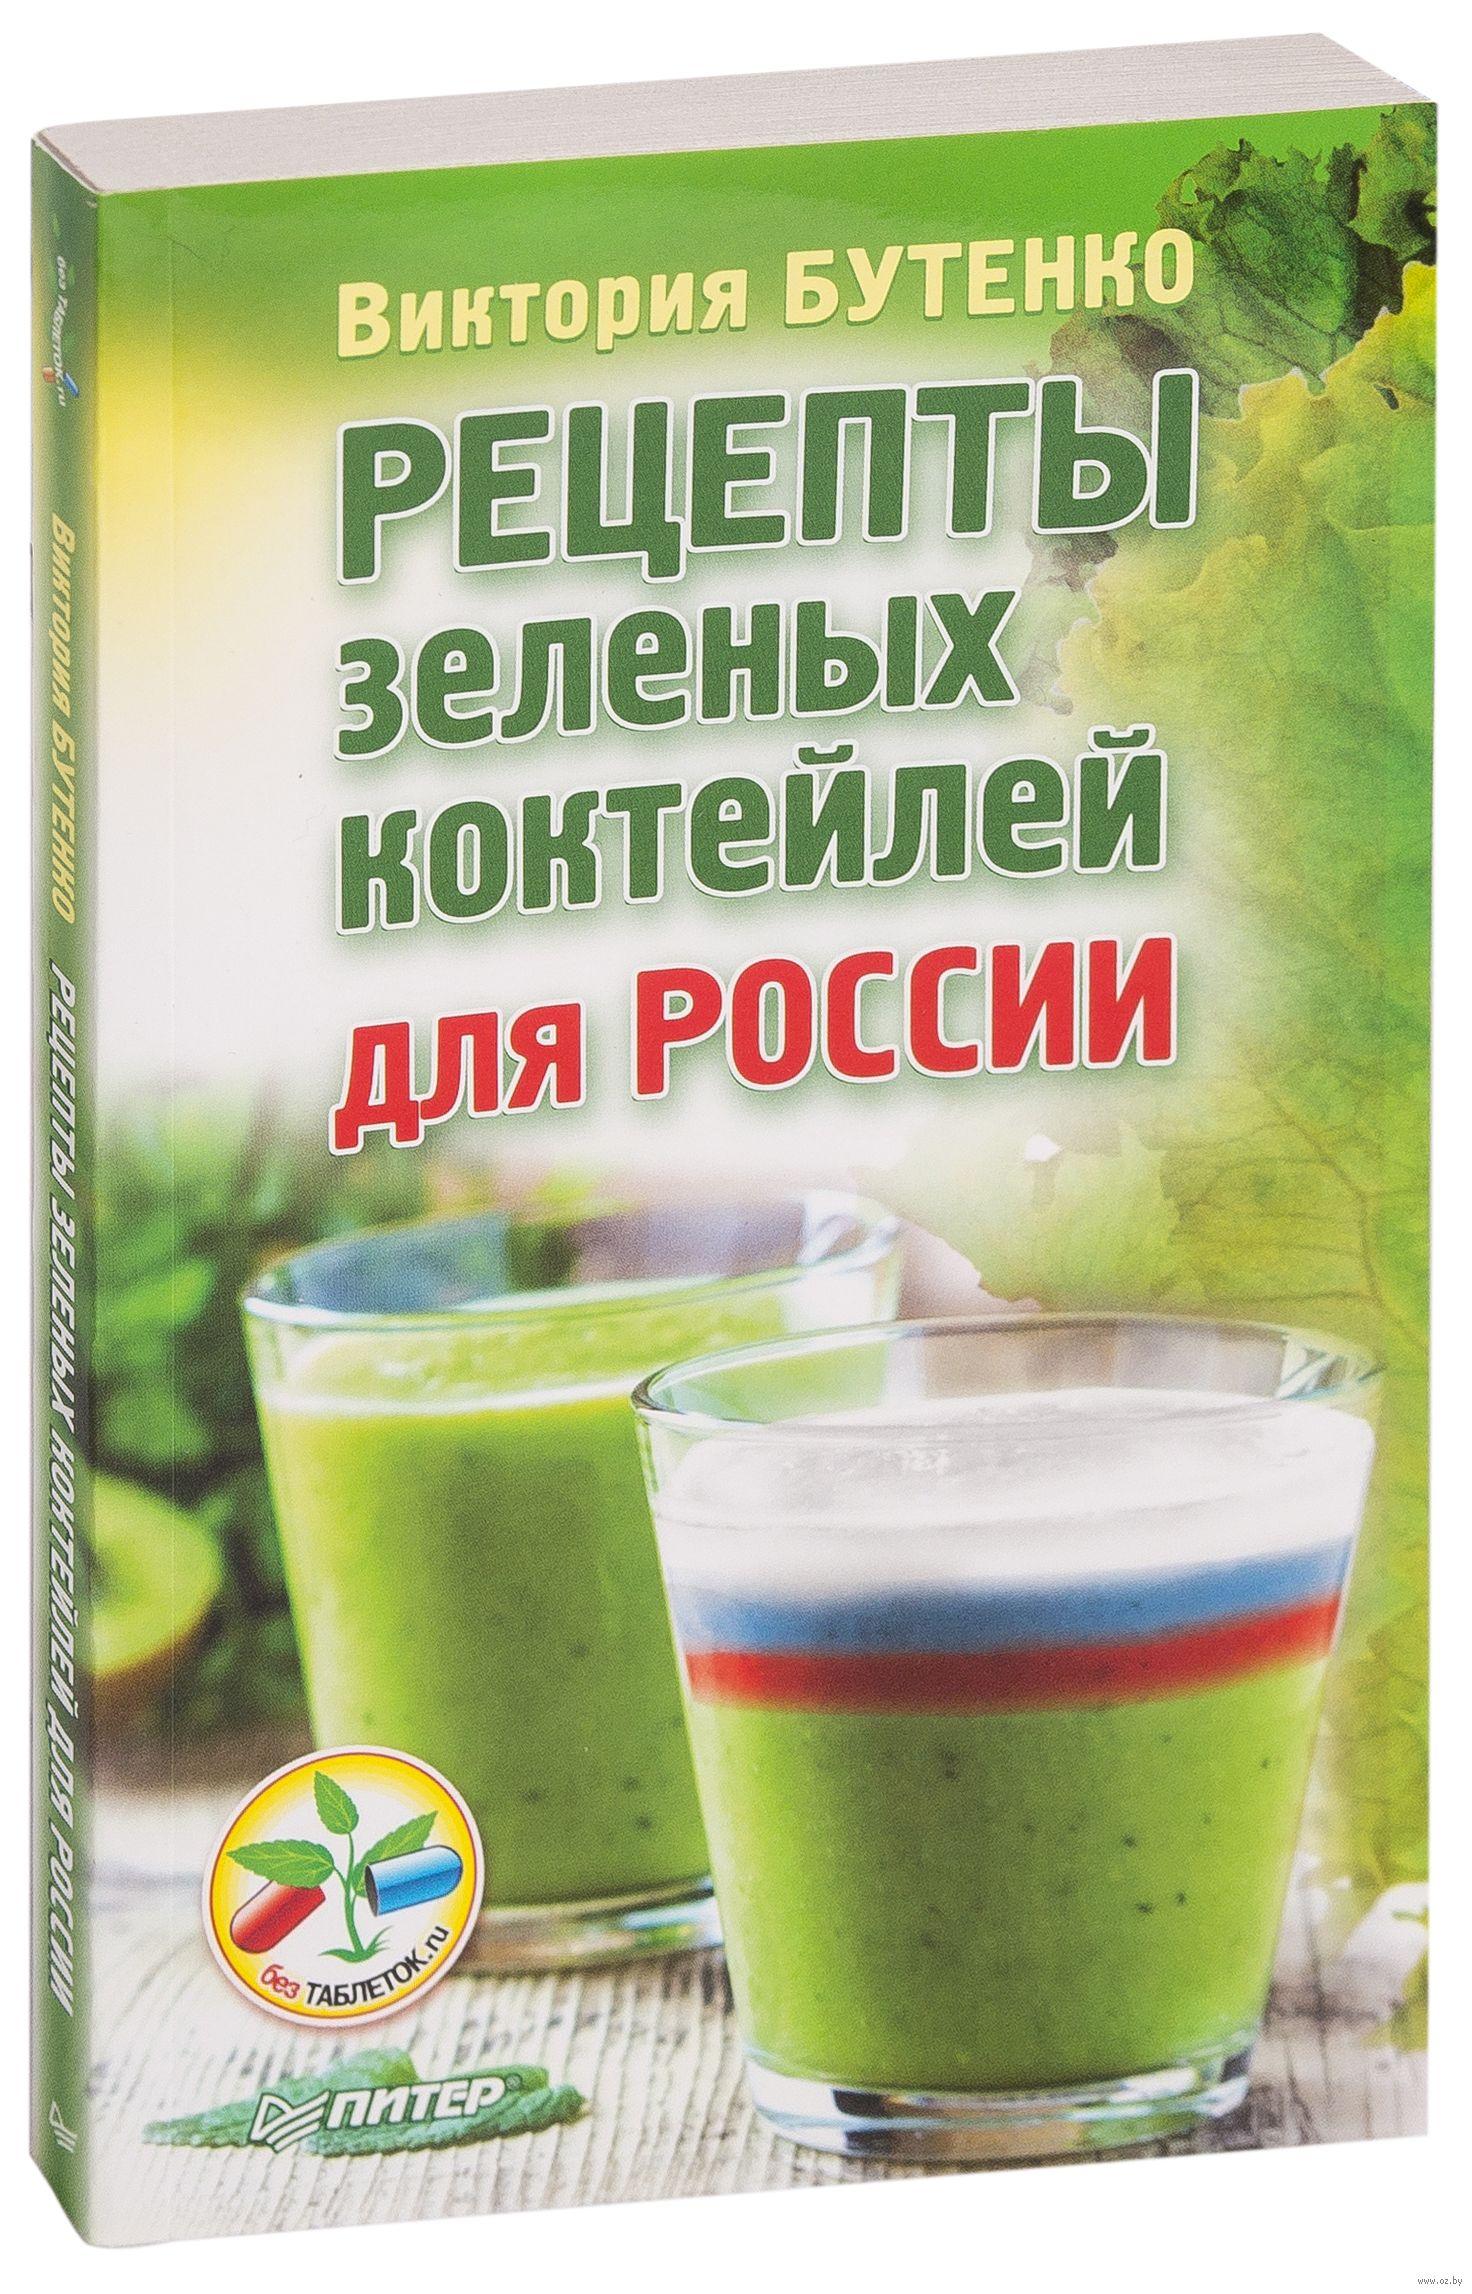 зеленые овощные коктейли бутенко рецепты